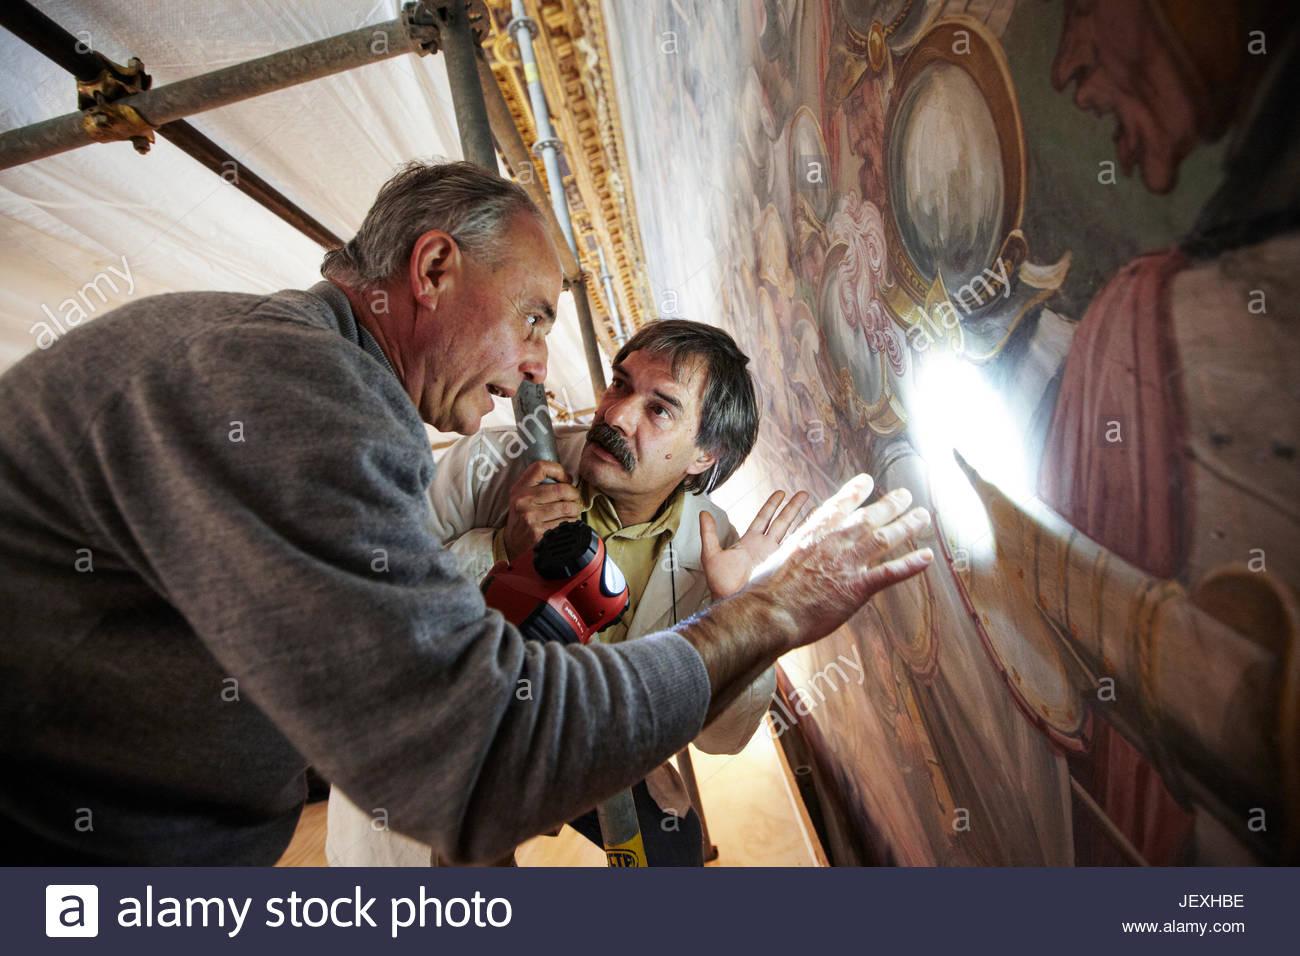 Restauratori dall' Opificio delle Pietre Dure preparare parti di Giorgio Vasari il murale che necessitano di Immagini Stock